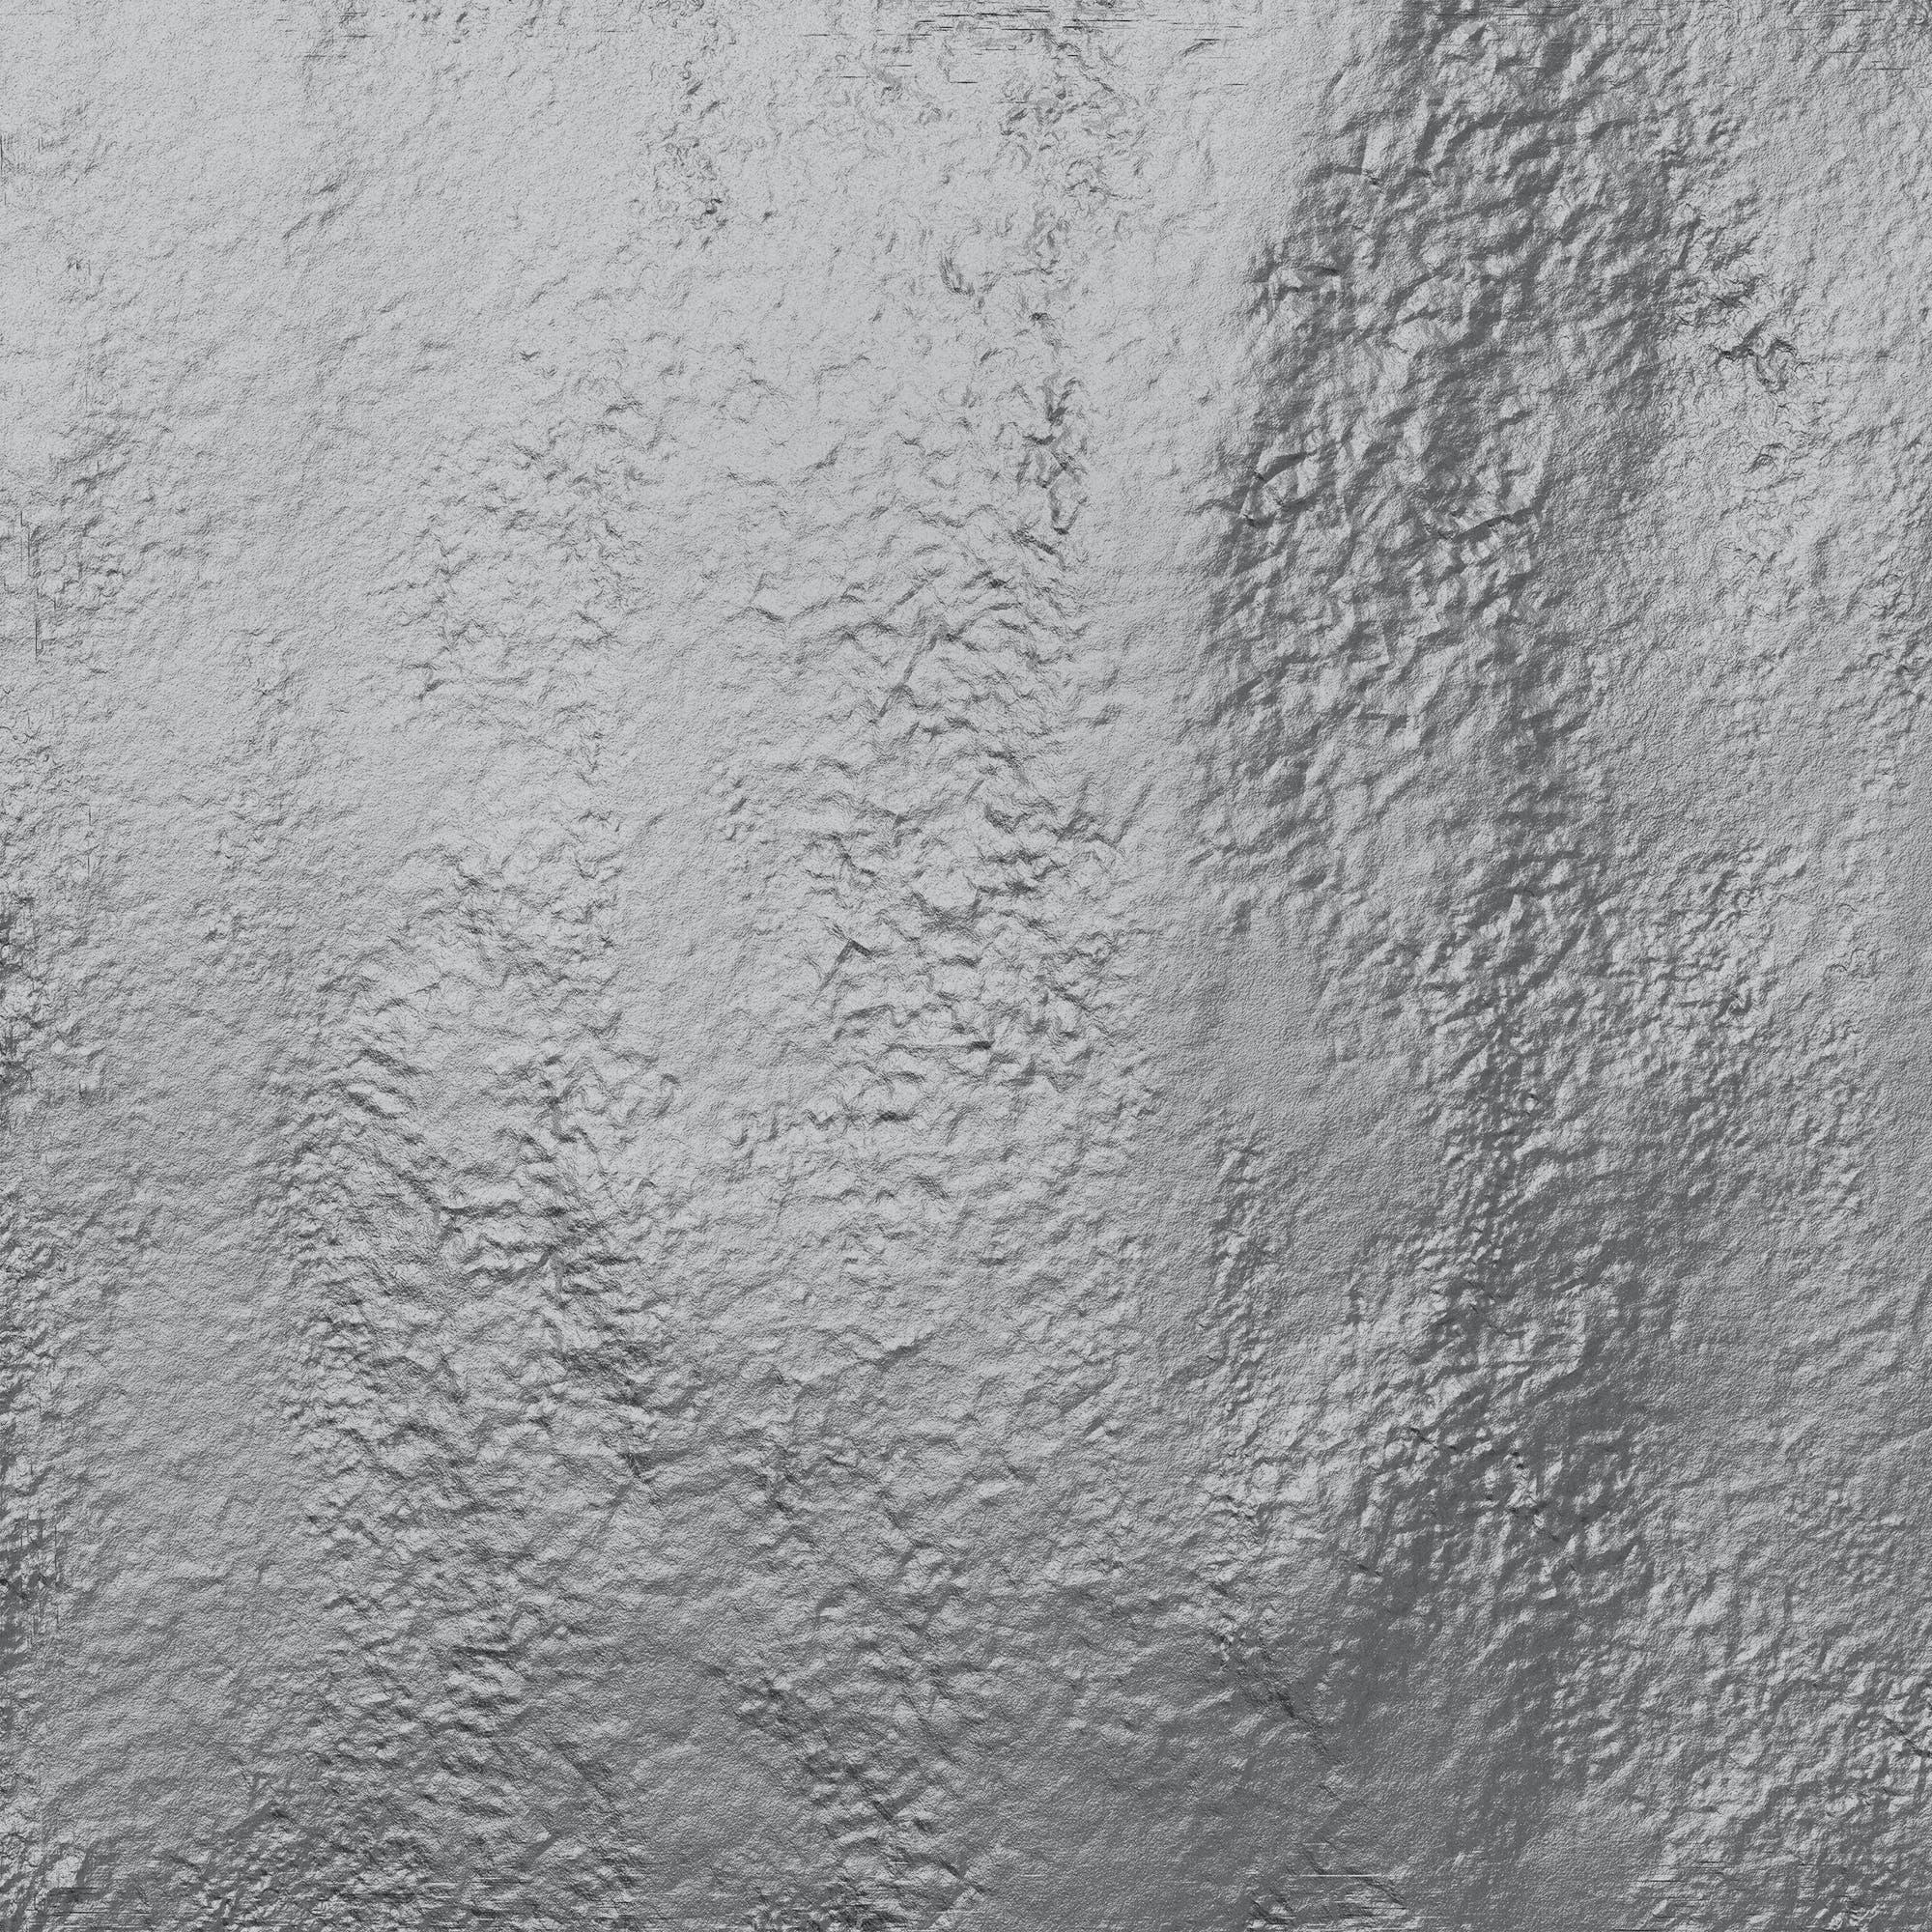 Kostenloses Stock Foto zu mauer, oberfläche, schwarz und weiß, textur